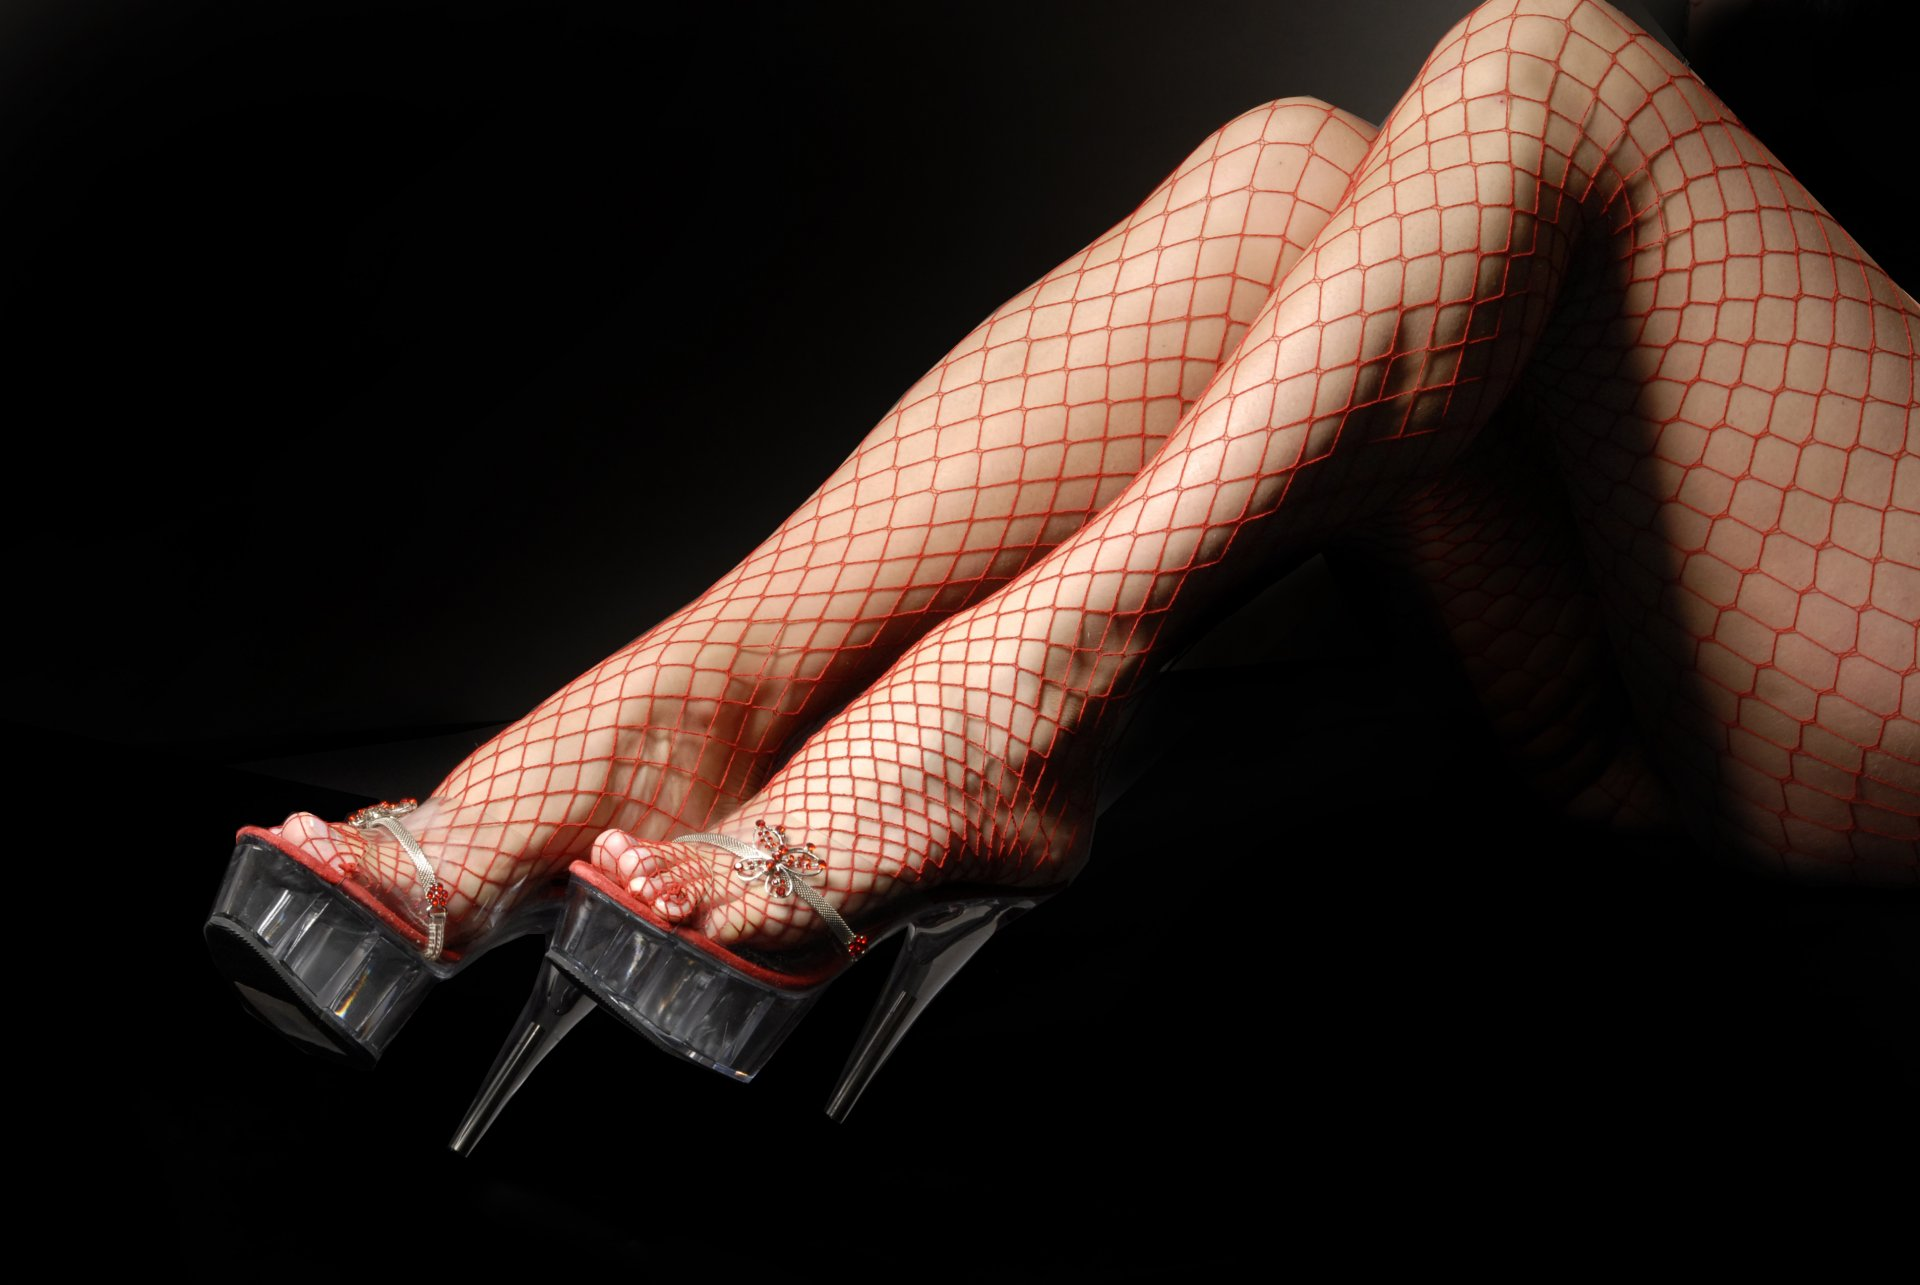 Женские стопы в чулках и колготках фото, смотрим там где девки голые раздеваются